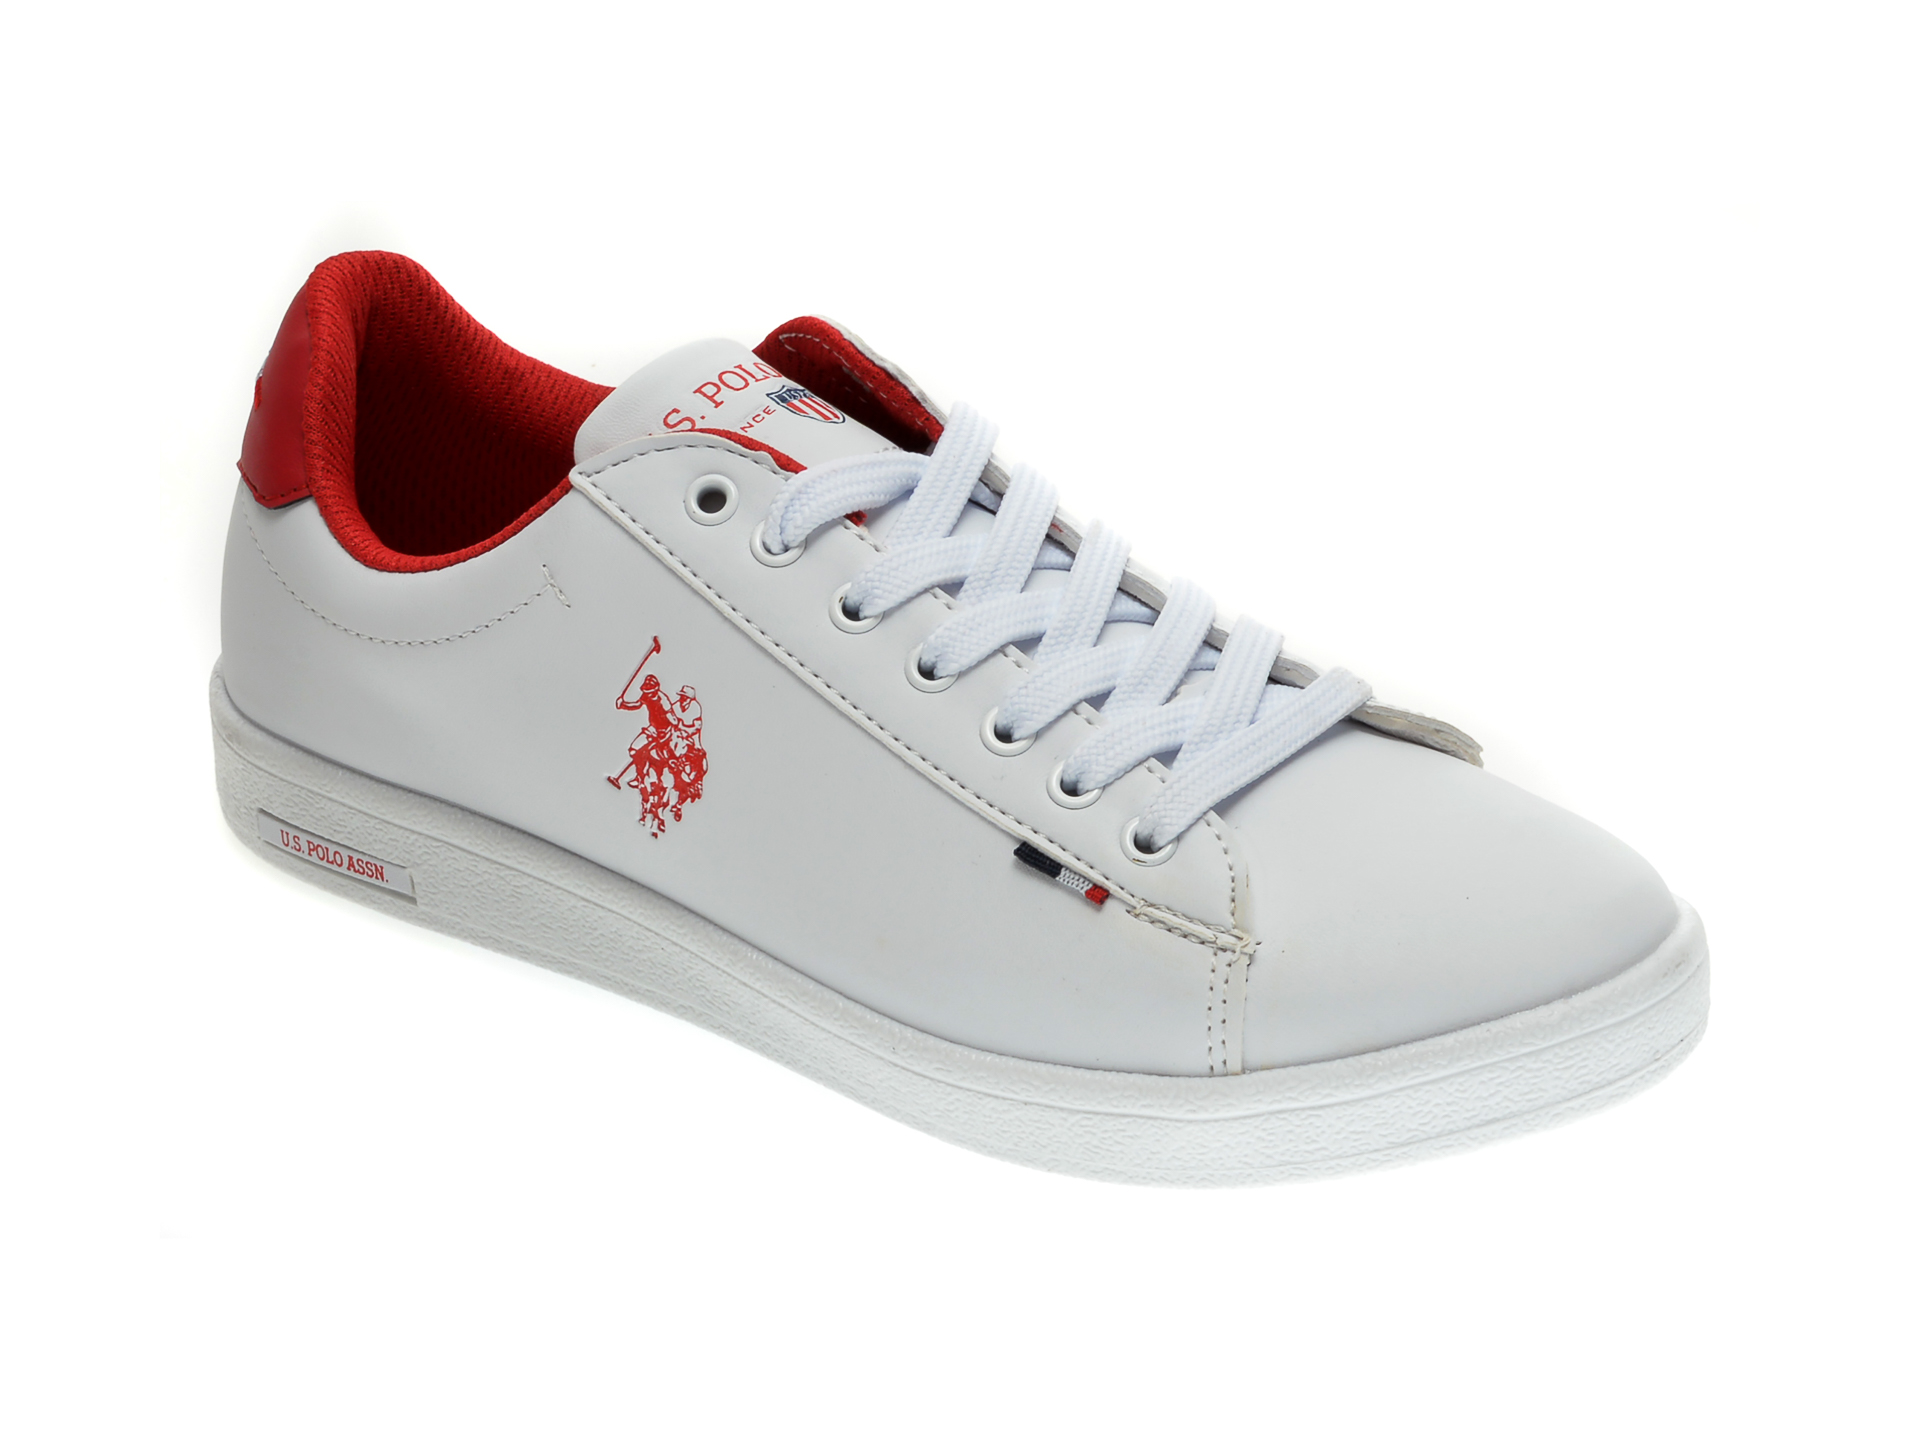 Pantofi sport US POLO ASSN albi, 548973, din piele ecologica imagine